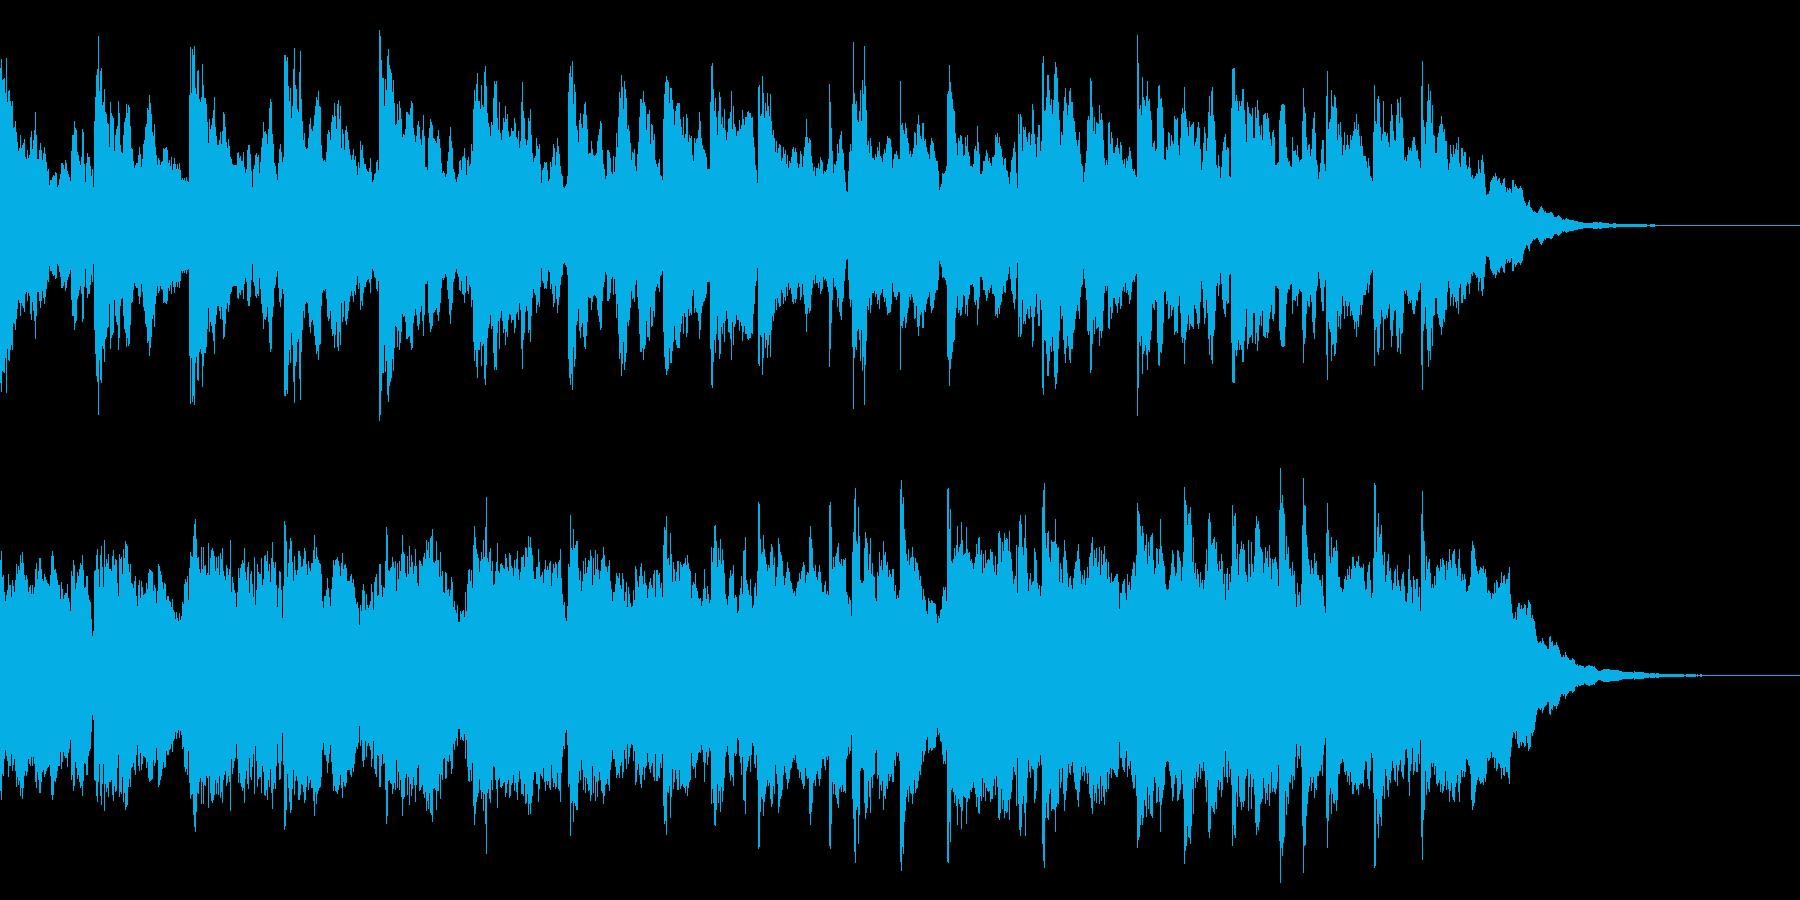 イルミネーションに合う幻想的な冬の曲の再生済みの波形